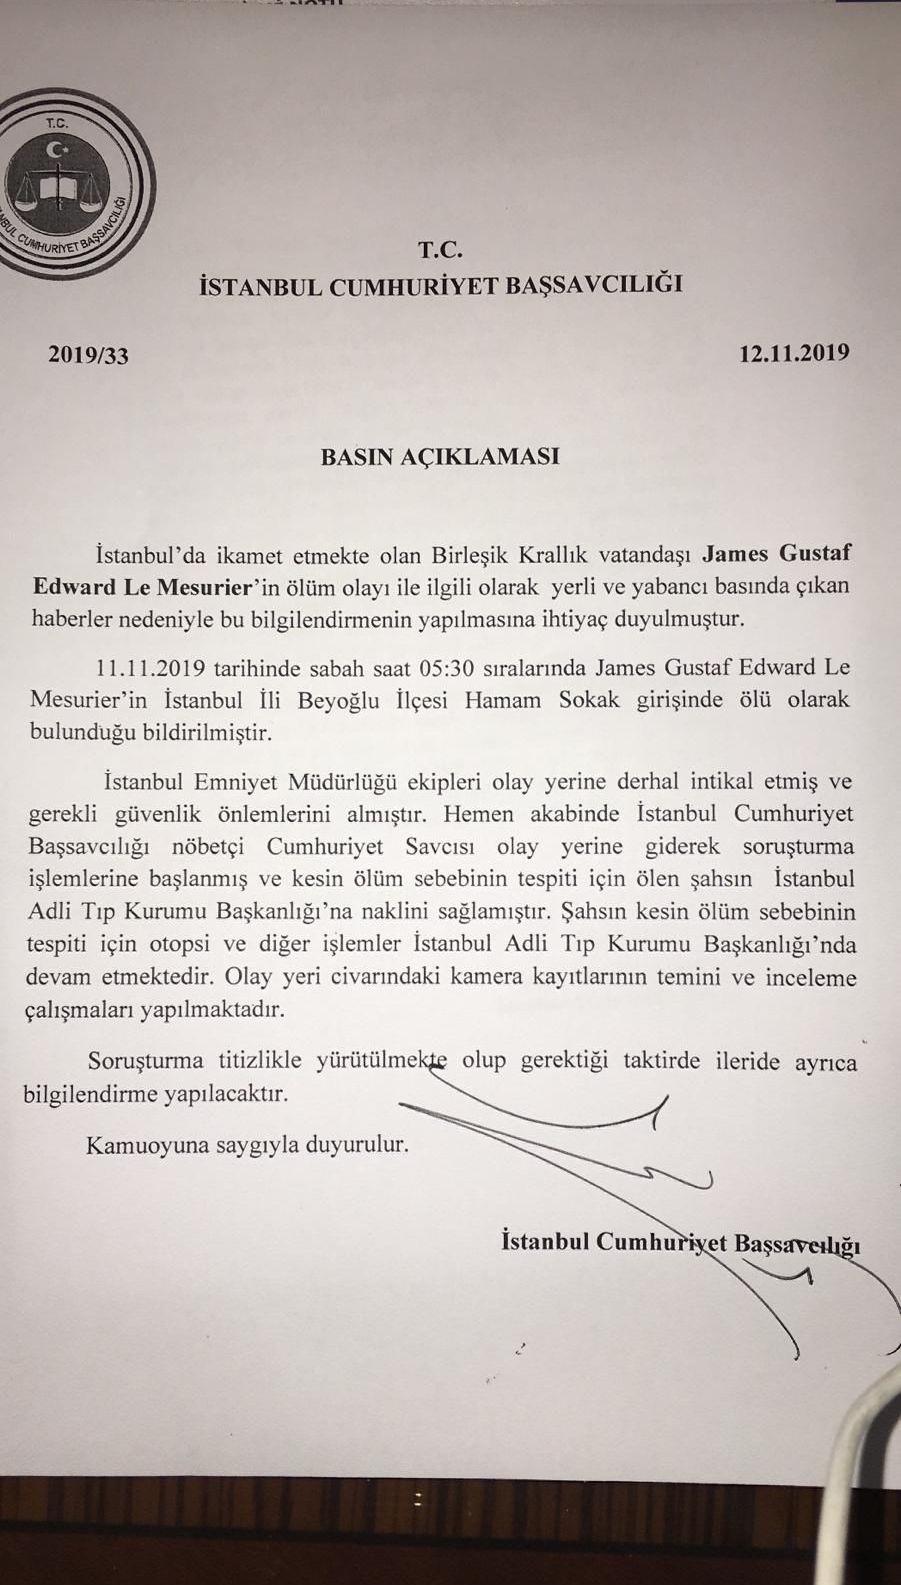 İstanbul Cumhuriyet Başsavcılığı'ndan eski İngiliz subayının ölümüne ilişkin açıklama